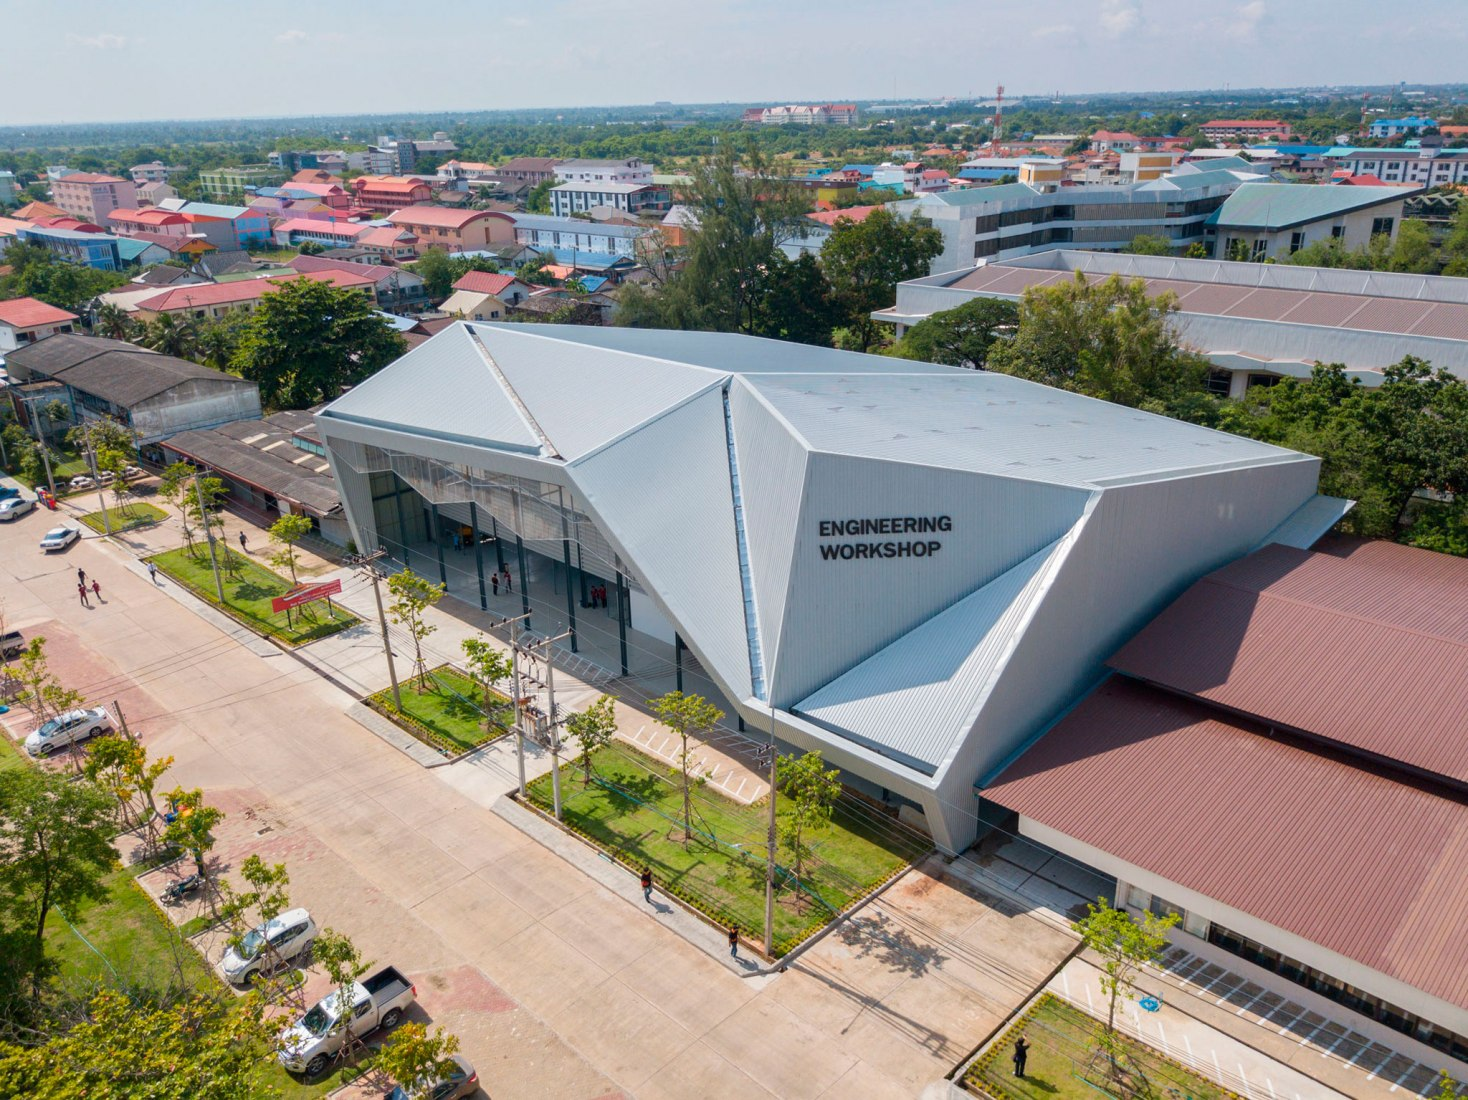 Taller de ingeniería RMUTI por THstudio Architects. Fotografía cortesía de THstudio Architects.